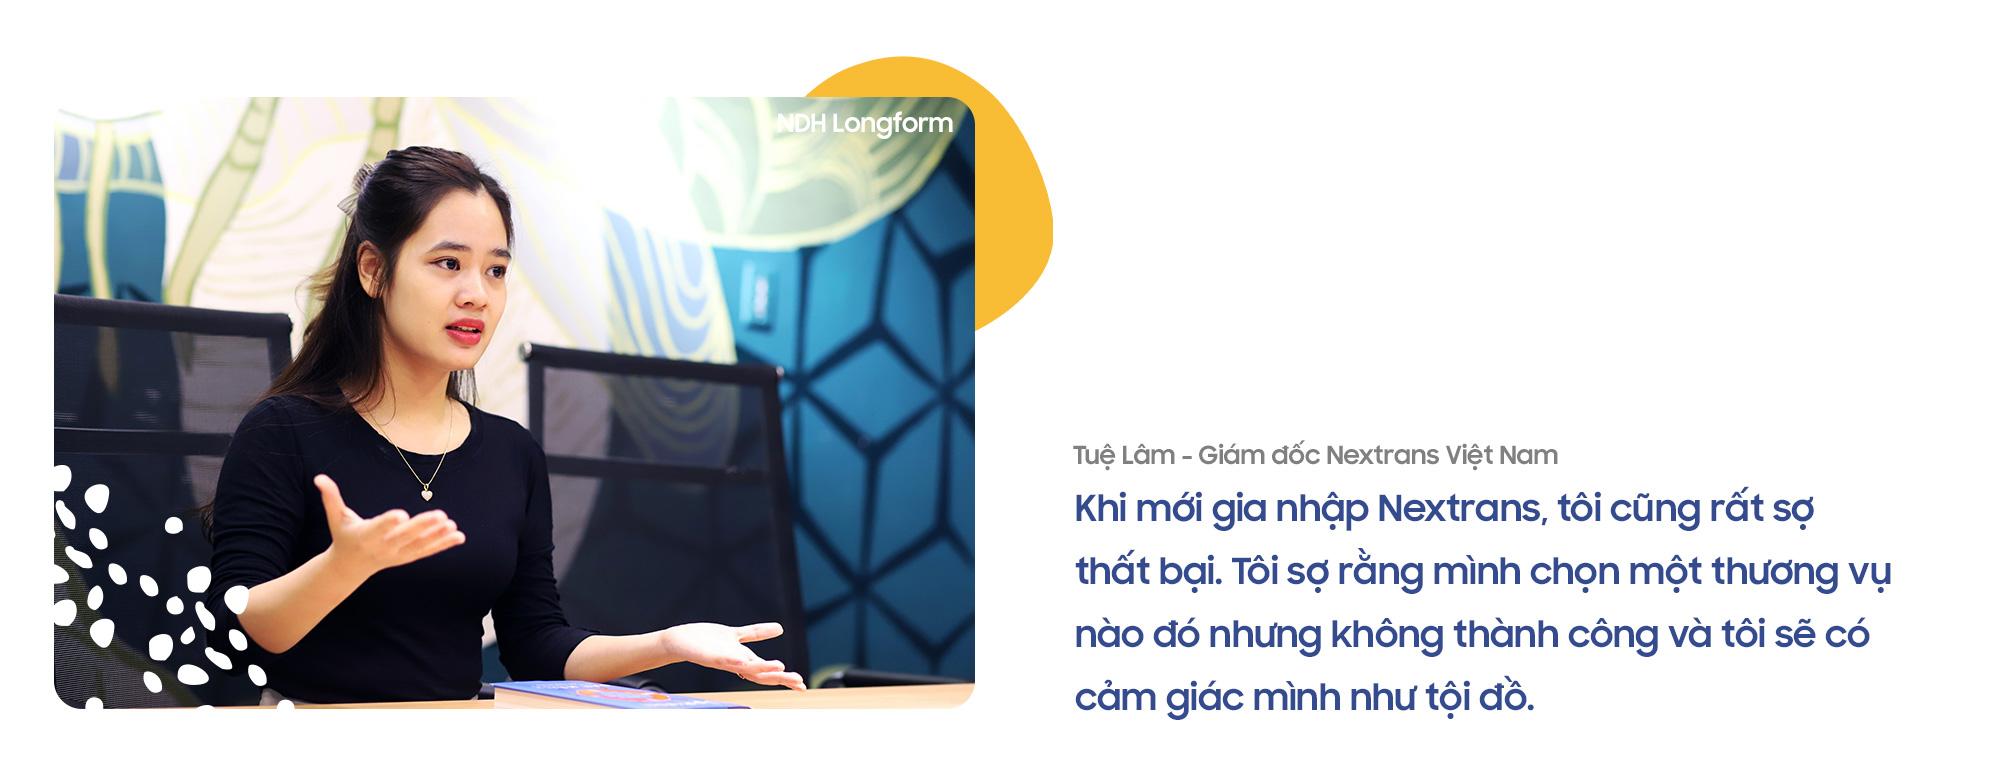 Giám đốc Nextrans Việt Nam: Nếu nghĩ phụ nữ đầu tư cảm tính, hãy đọc cuốn 'Warren Buffett invests like a girl' - Ảnh 2.